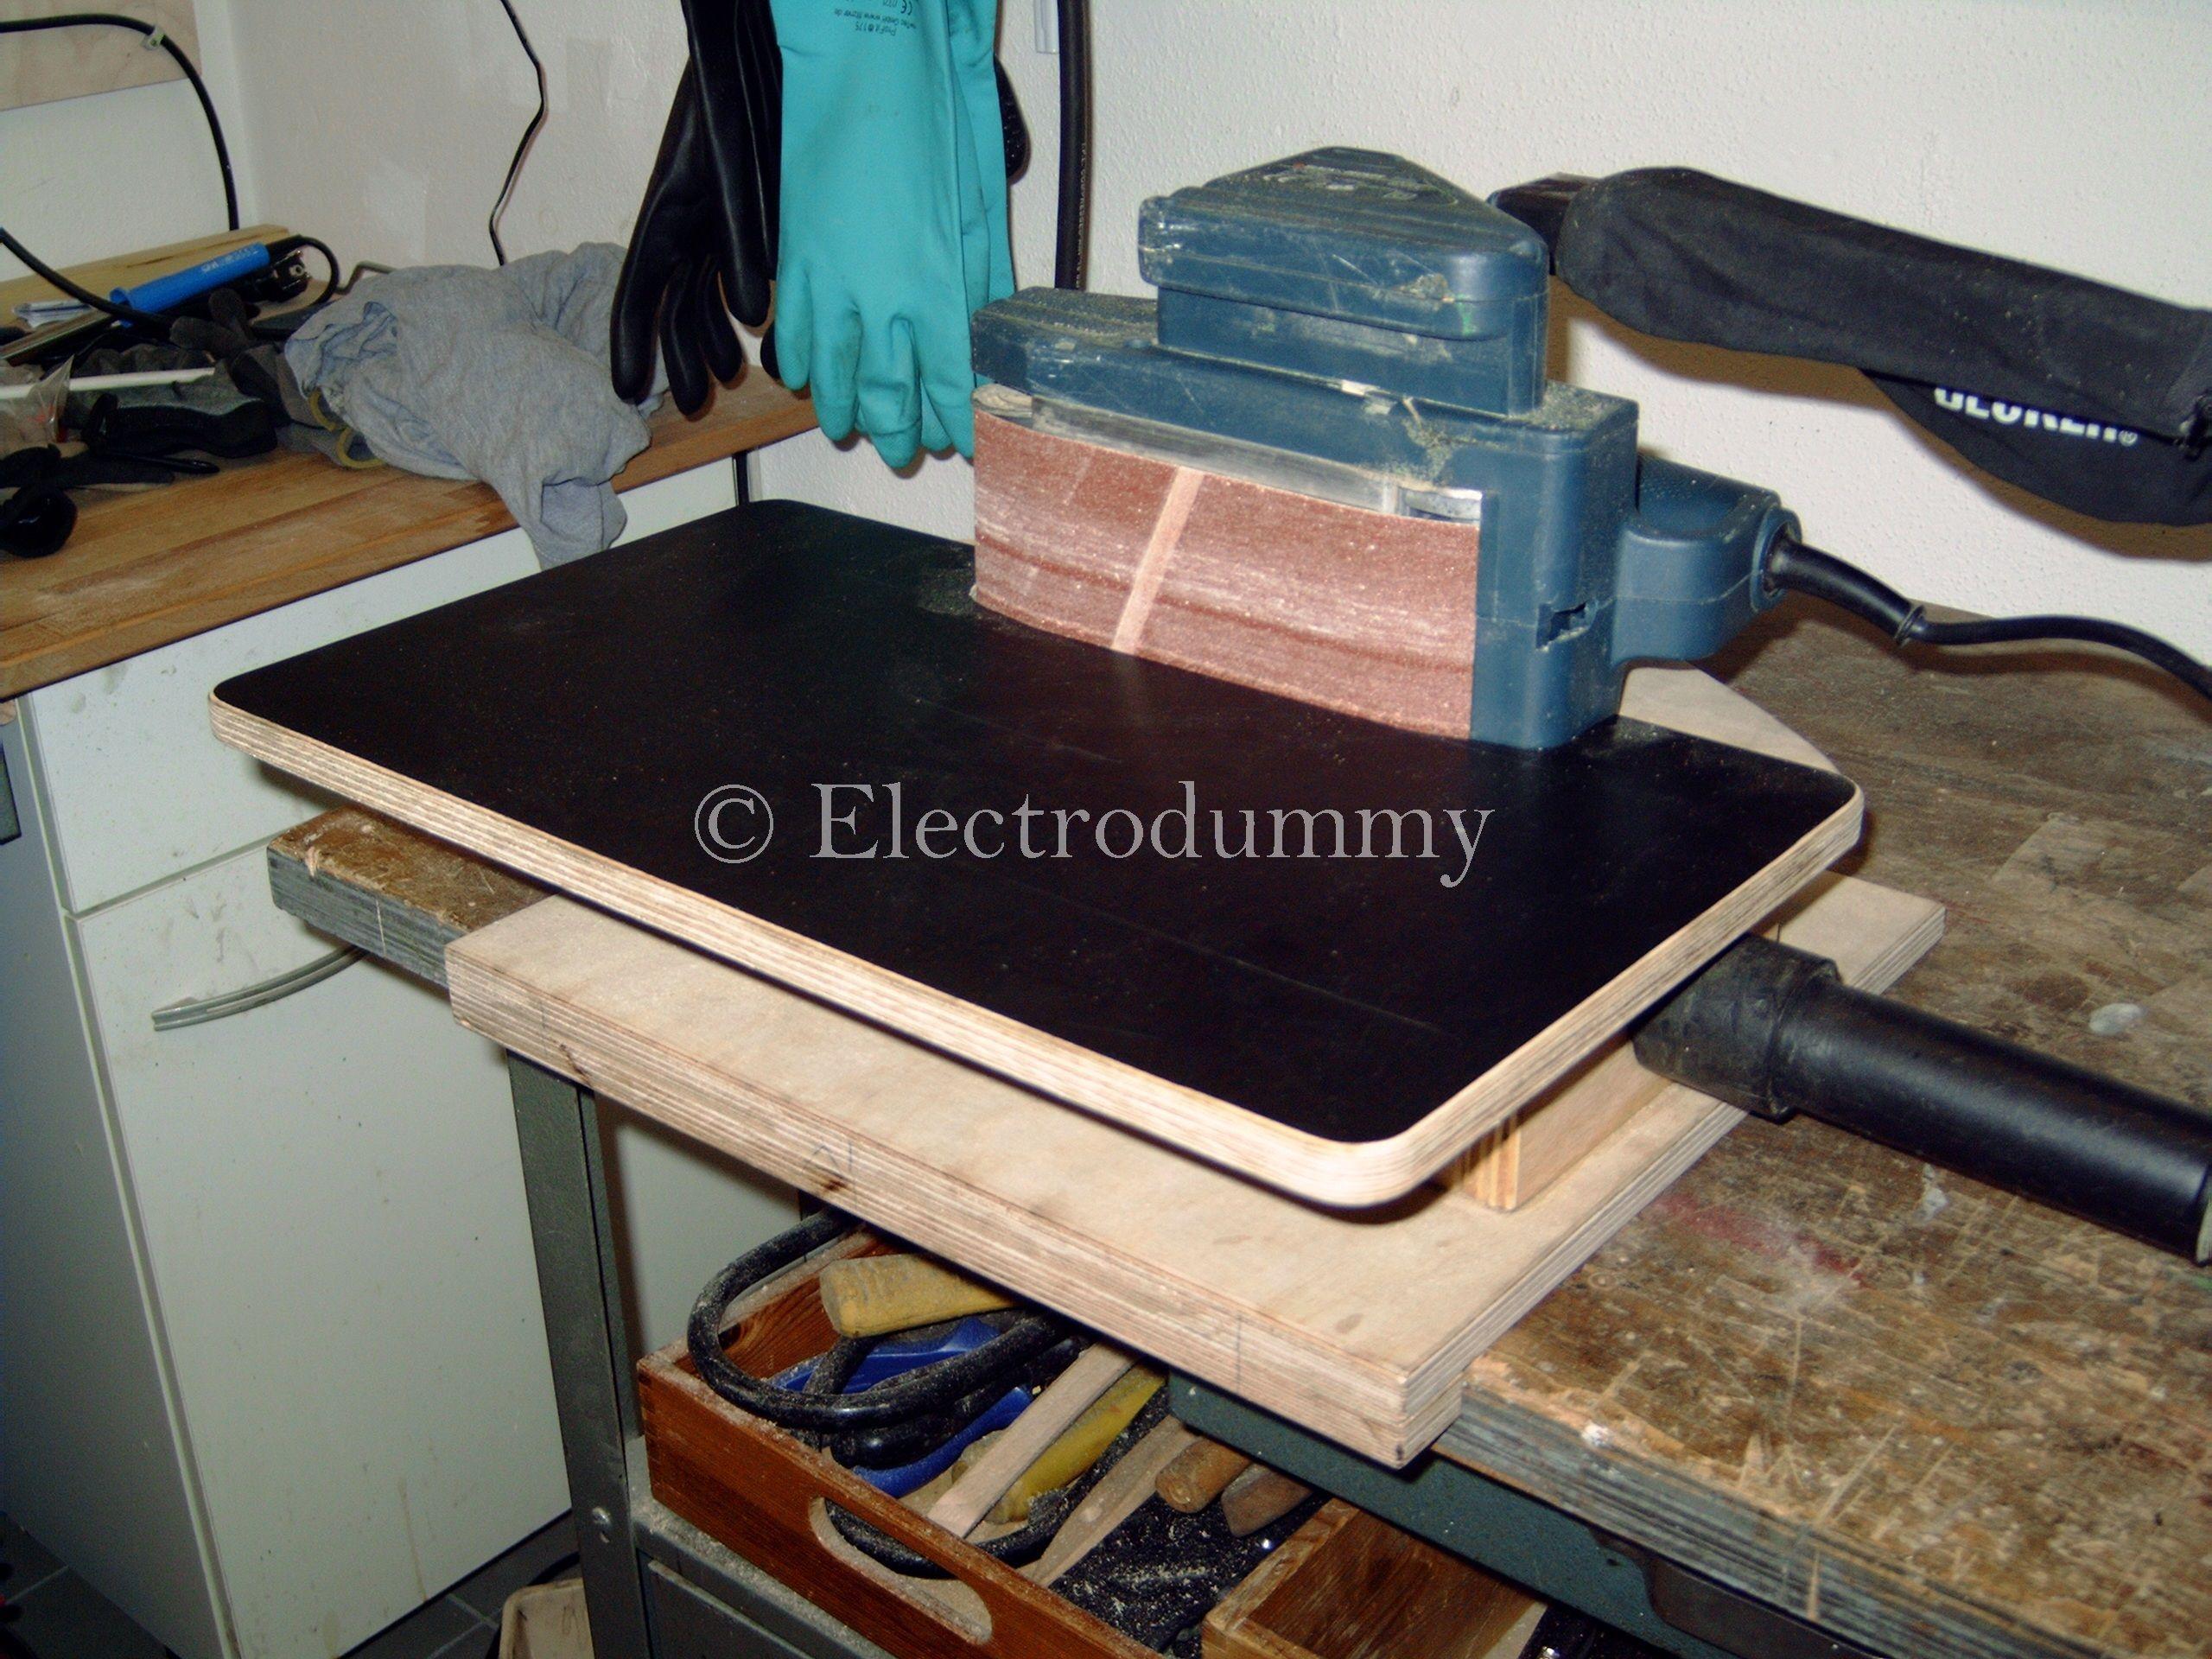 bandschleifertisch mit absaugung bauanleitung zum selber bauen projekte schleifen. Black Bedroom Furniture Sets. Home Design Ideas